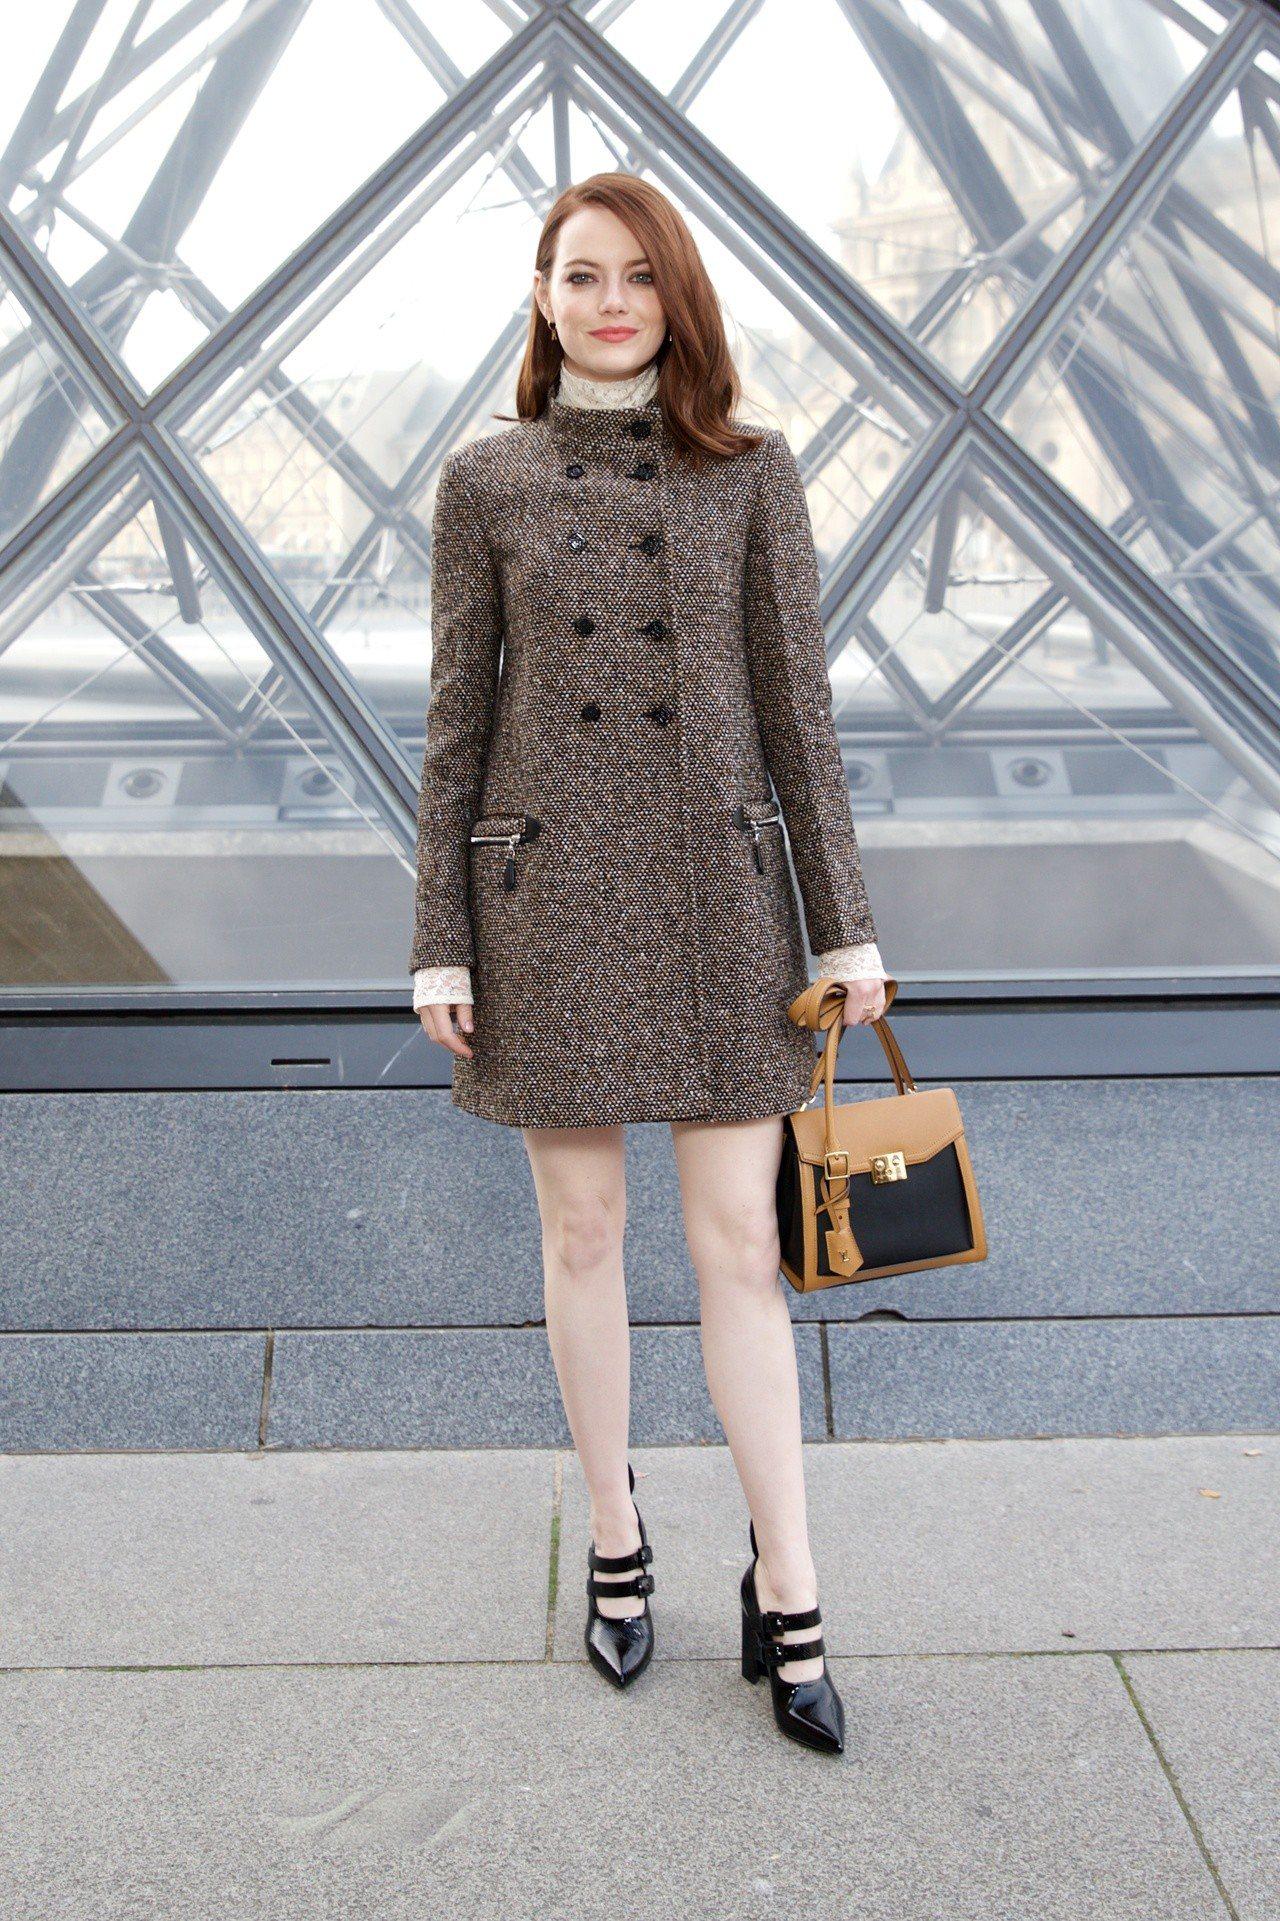 艾瑪史東以優雅裙裝出席LV秋冬秀,搭配優雅彩妝相當迷人。圖/LV提供